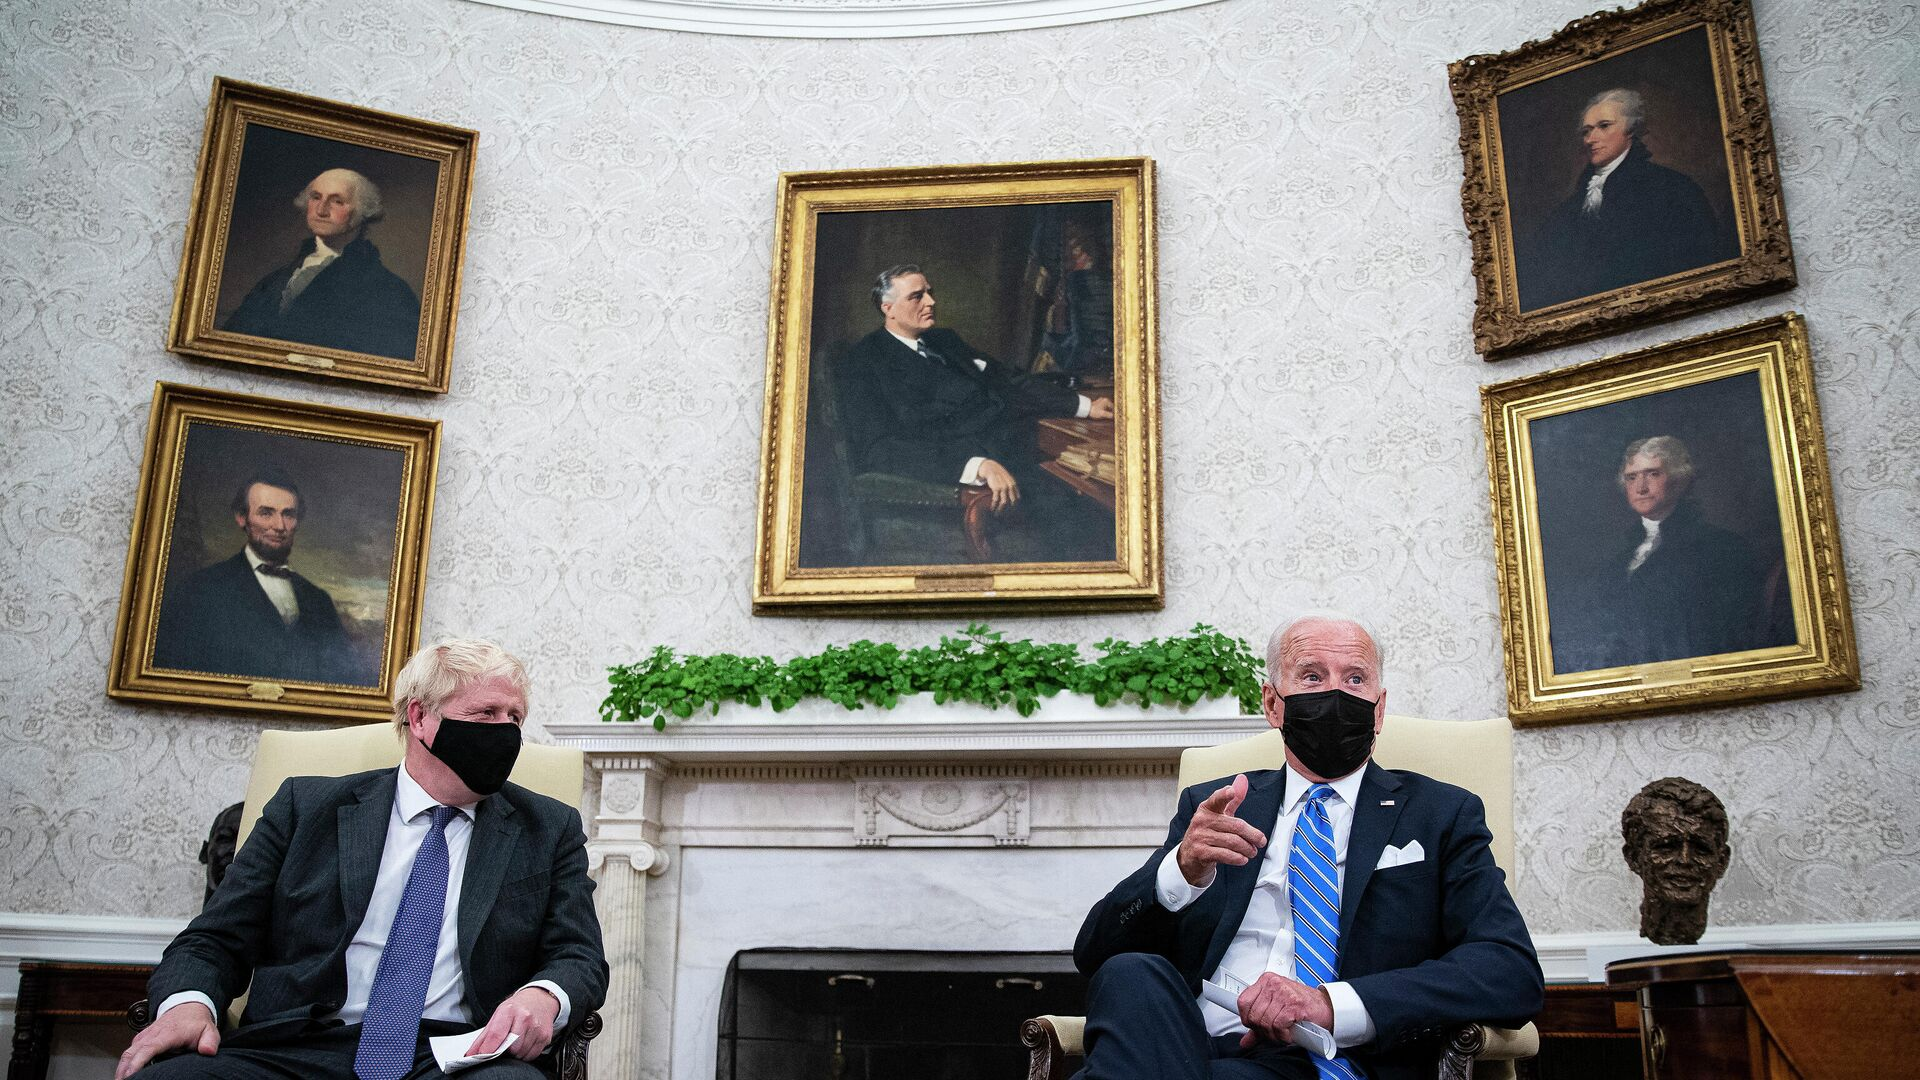 Reunión entre el presidente de Estados Unidos, Joe Biden, y el primer ministro de Reino Unido, Boris Johnson - Sputnik Mundo, 1920, 22.09.2021